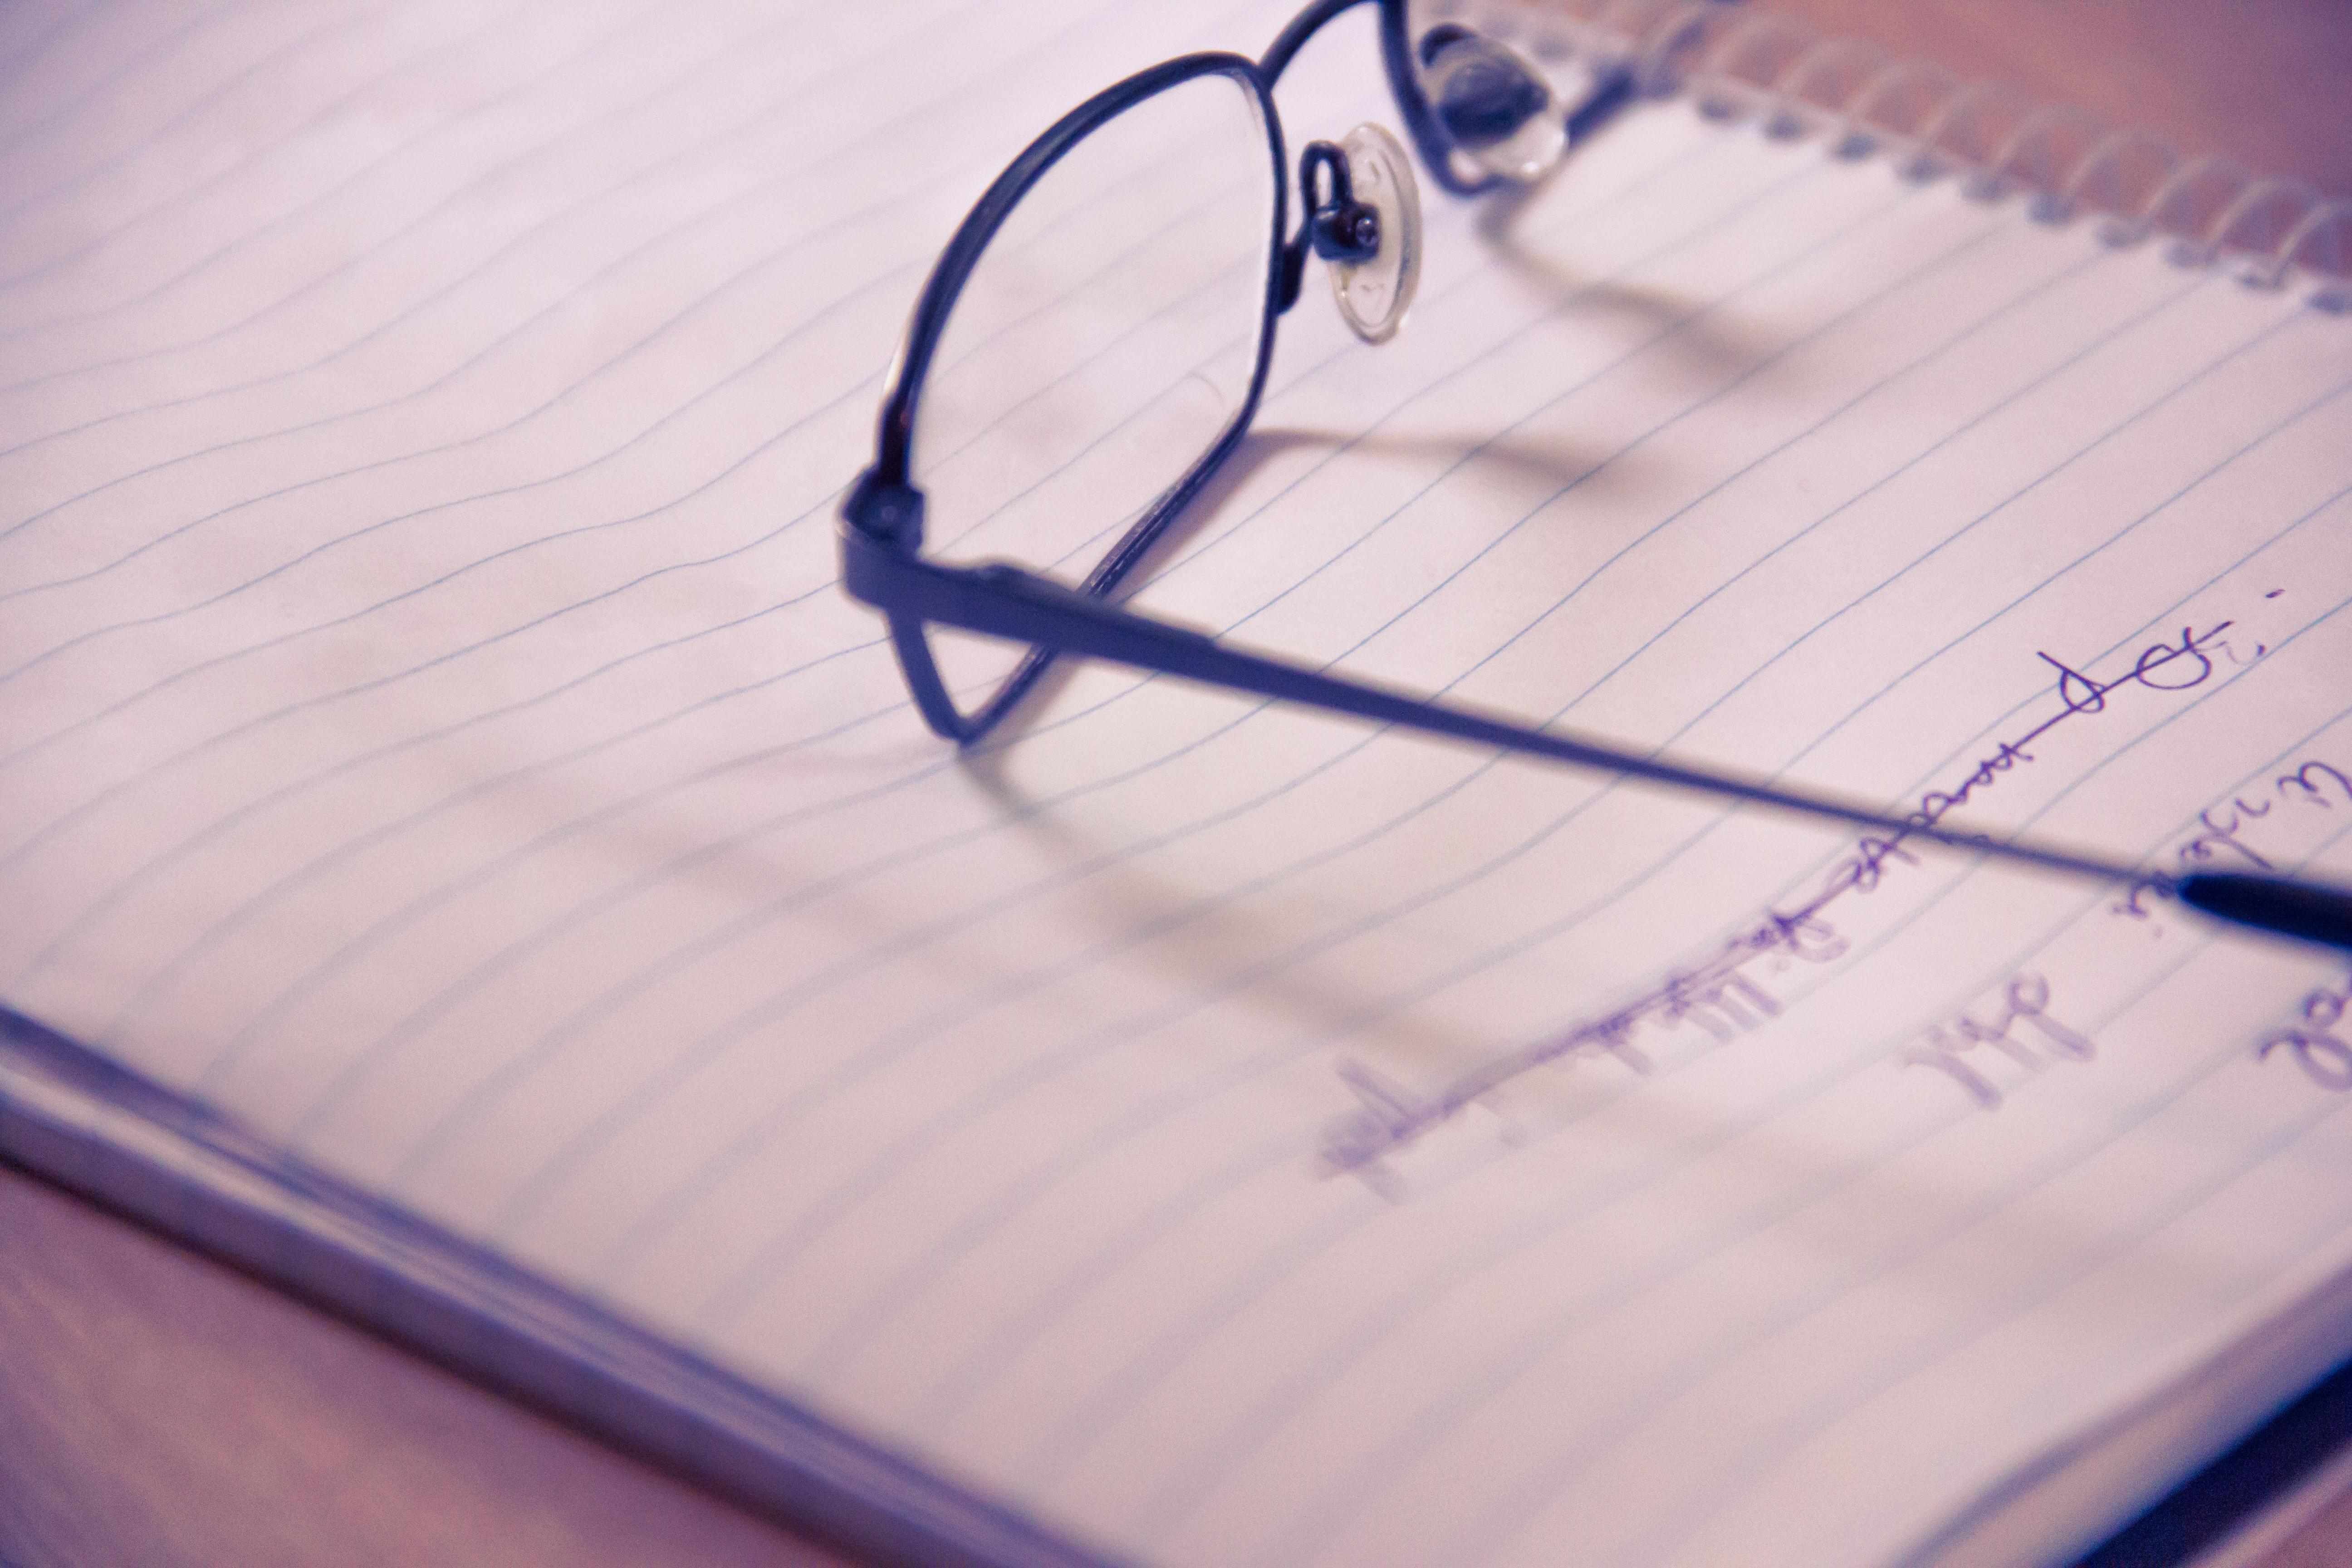 Fotos gratis : cuaderno, escritura, mano, enviar, tablero, blanco ...